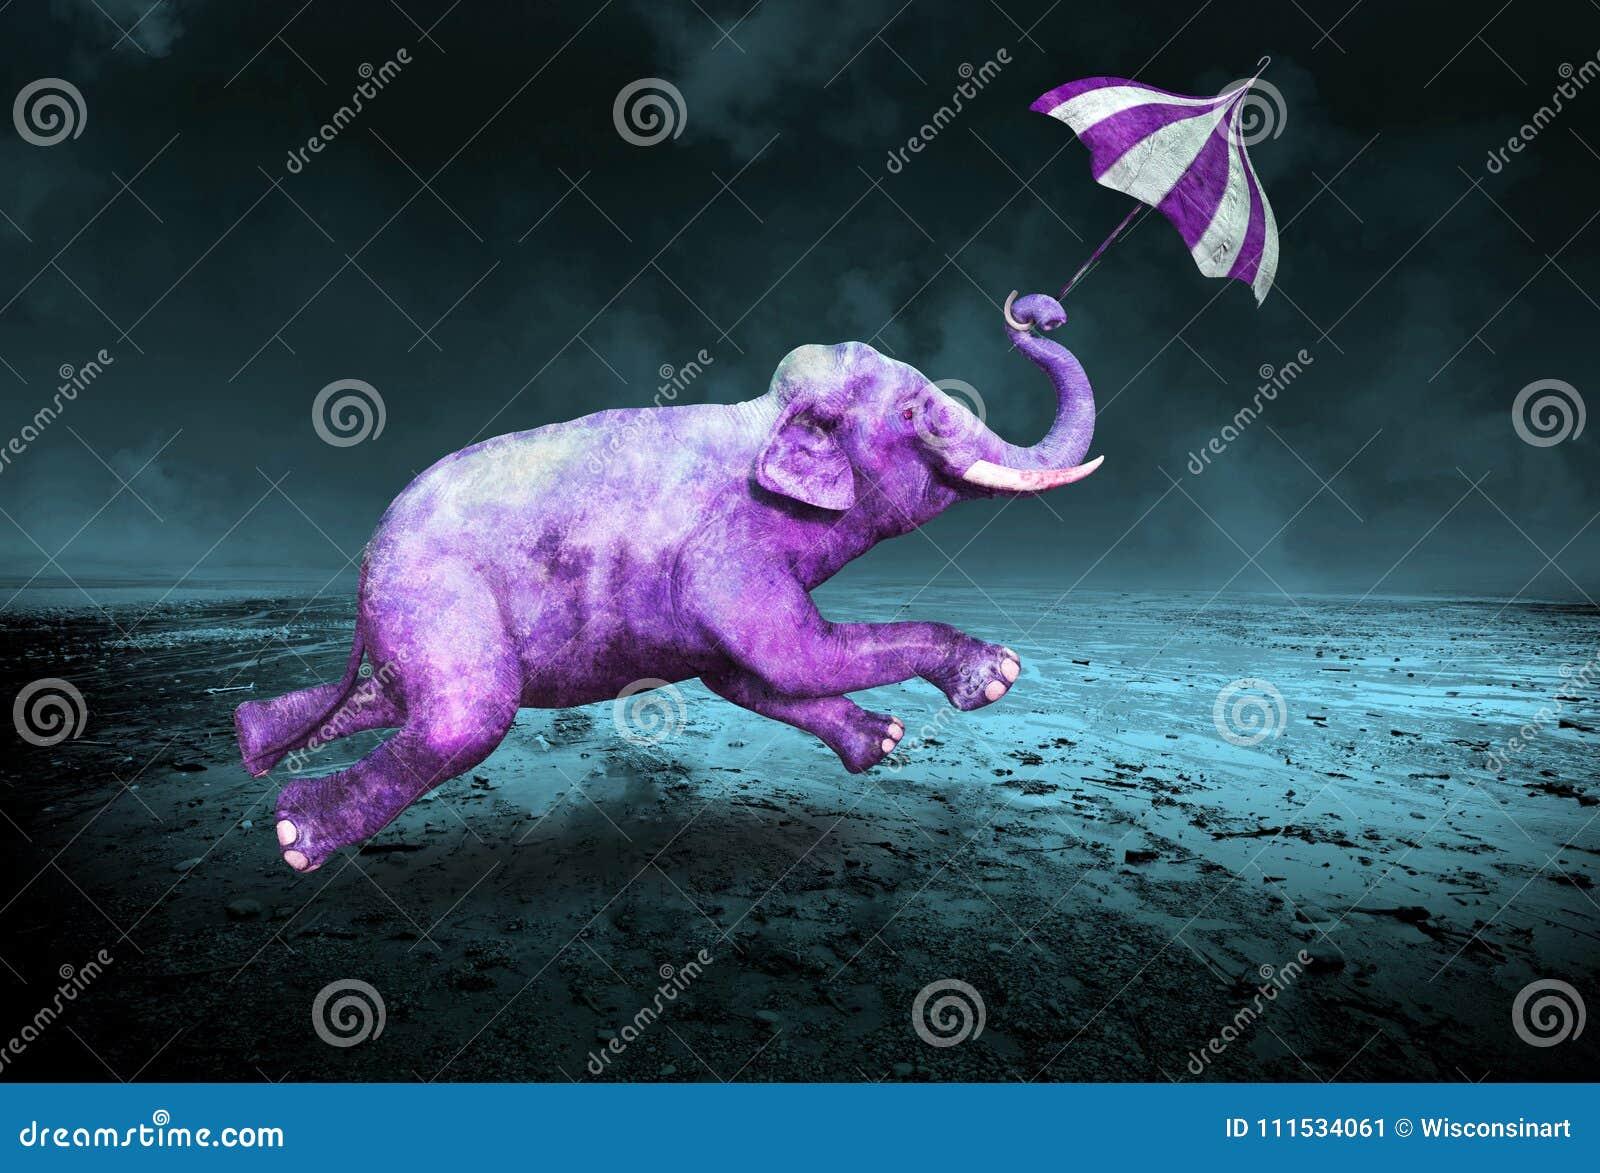 Surreal Purpere Violet Flying Elephant